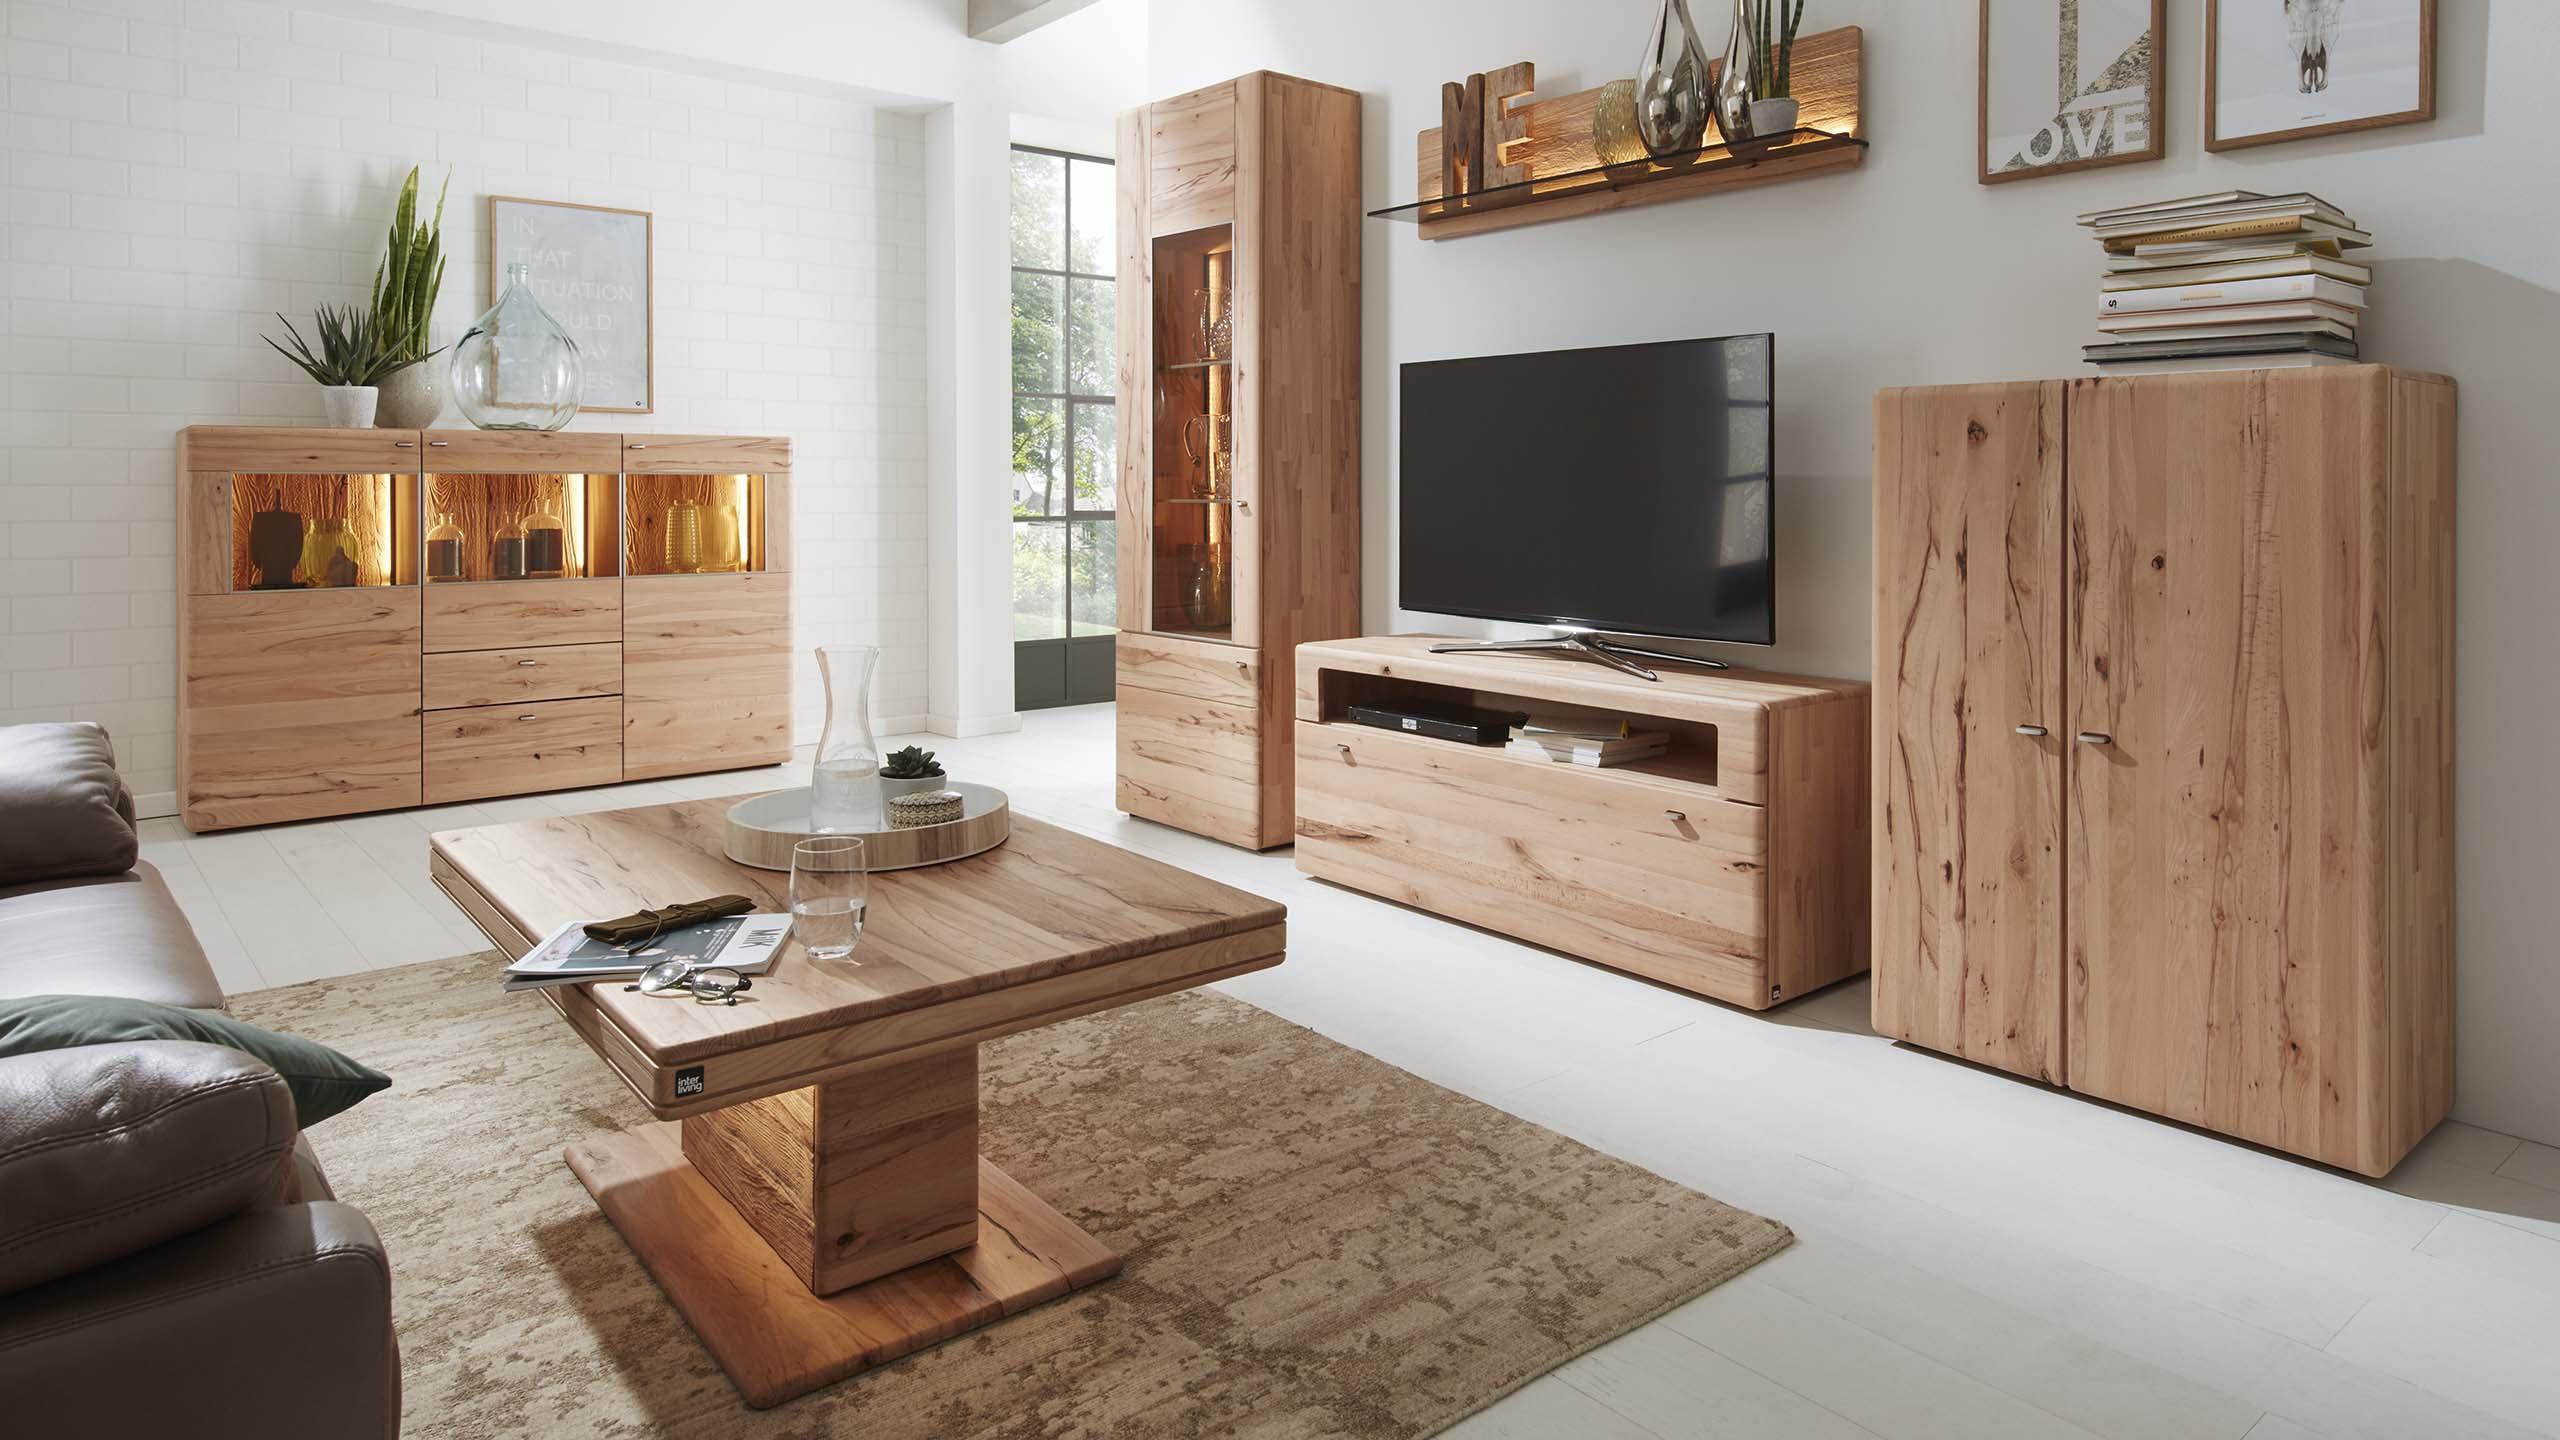 Wohnzimmer Archive   Interliving - Möbel für mich gemacht